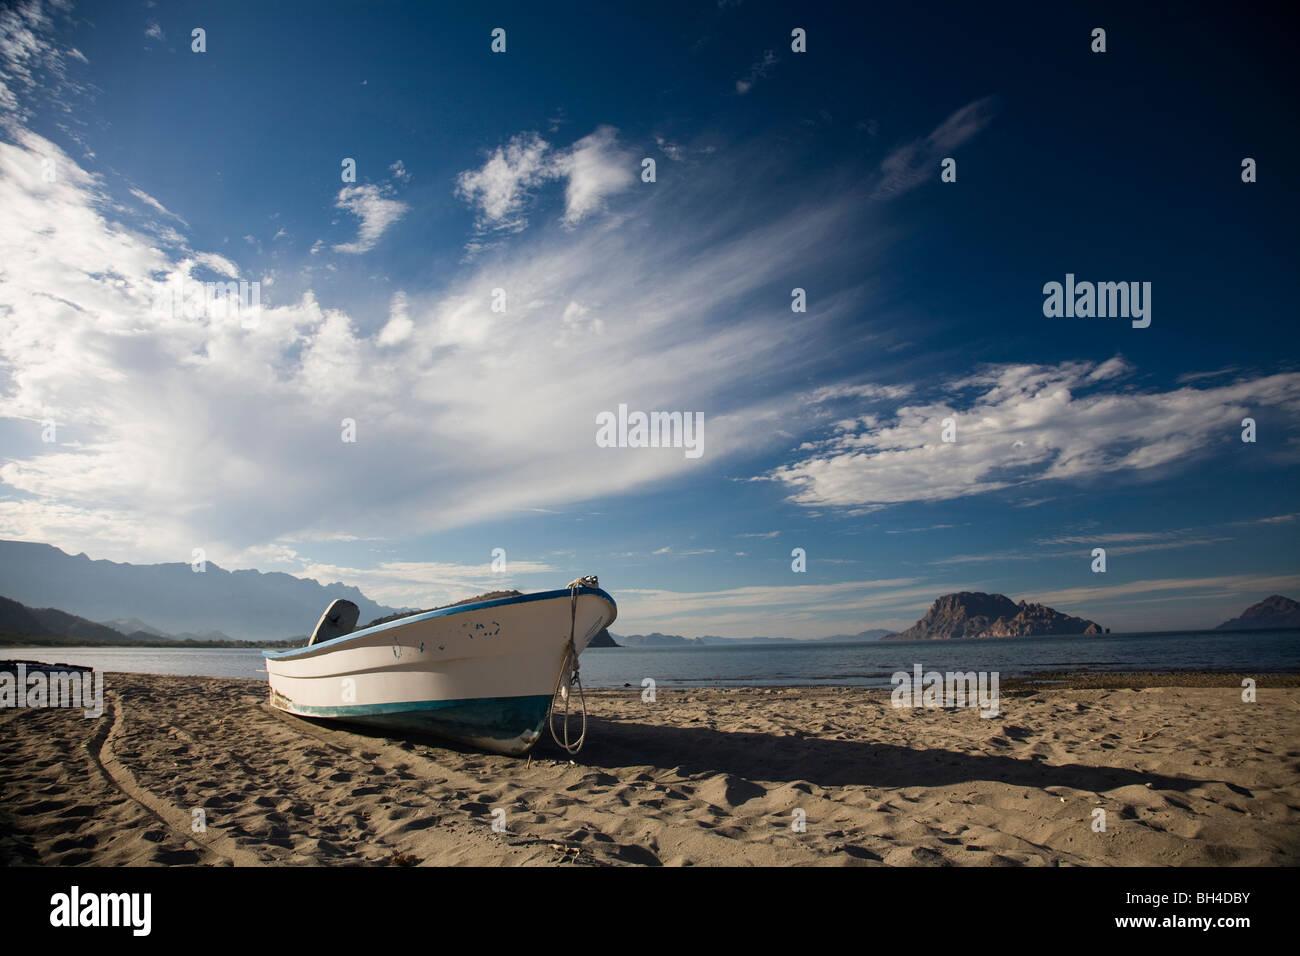 Una barca che si siede sulla sabbia su una spiaggia deserta sotto un poco nuvoloso sky a Loreto, Baja California Immagini Stock